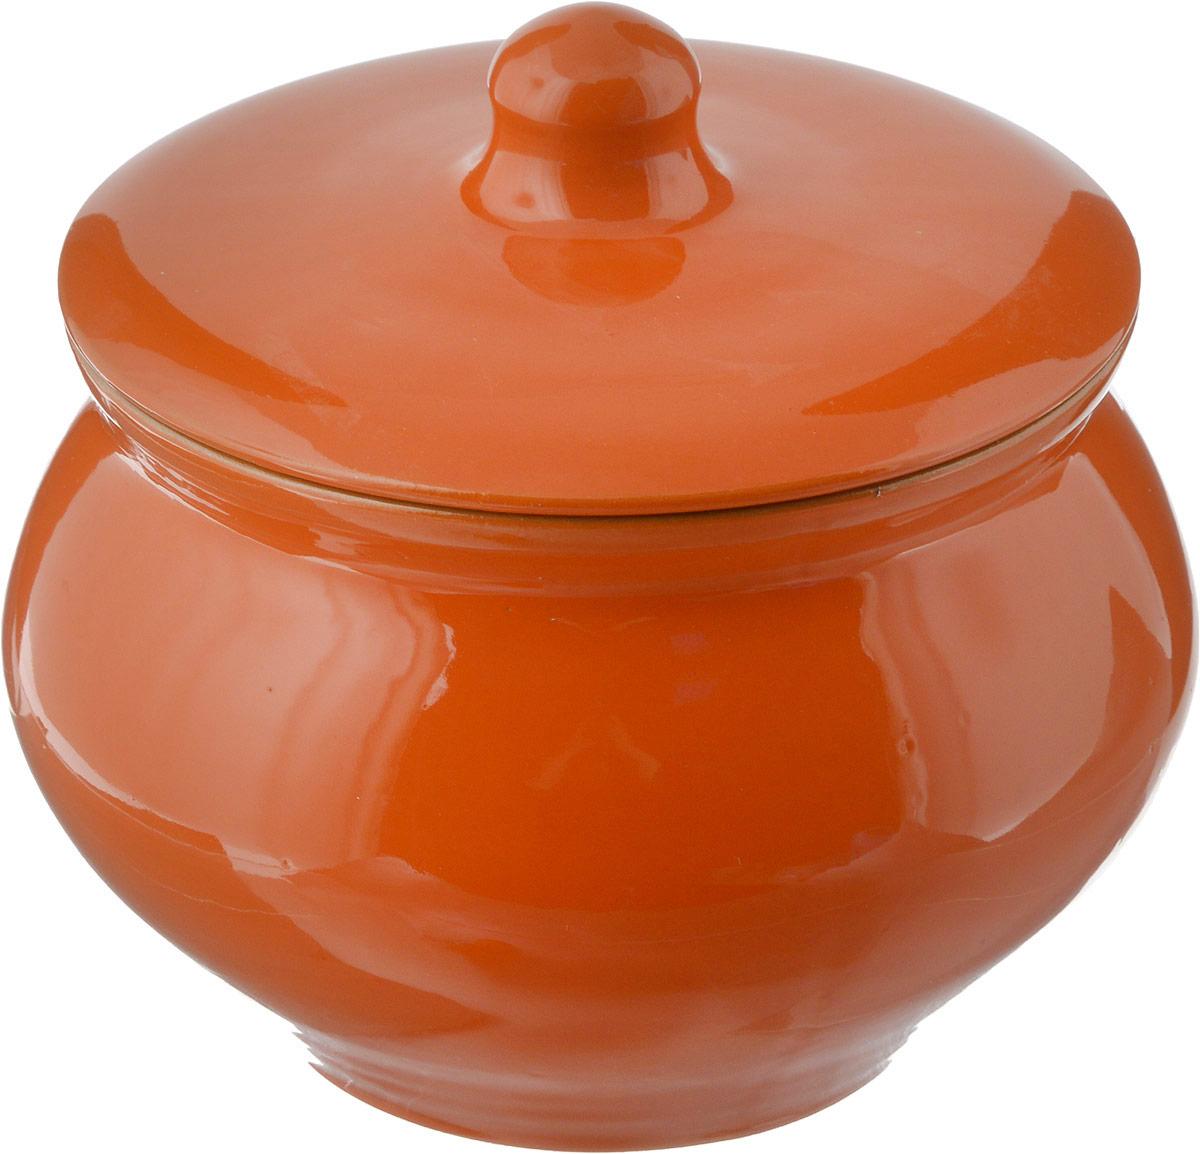 Горшочек для запекания Борисовская керамика Радуга, цвет: оранжевый, 1,3 лРАД00000336_оранжевый